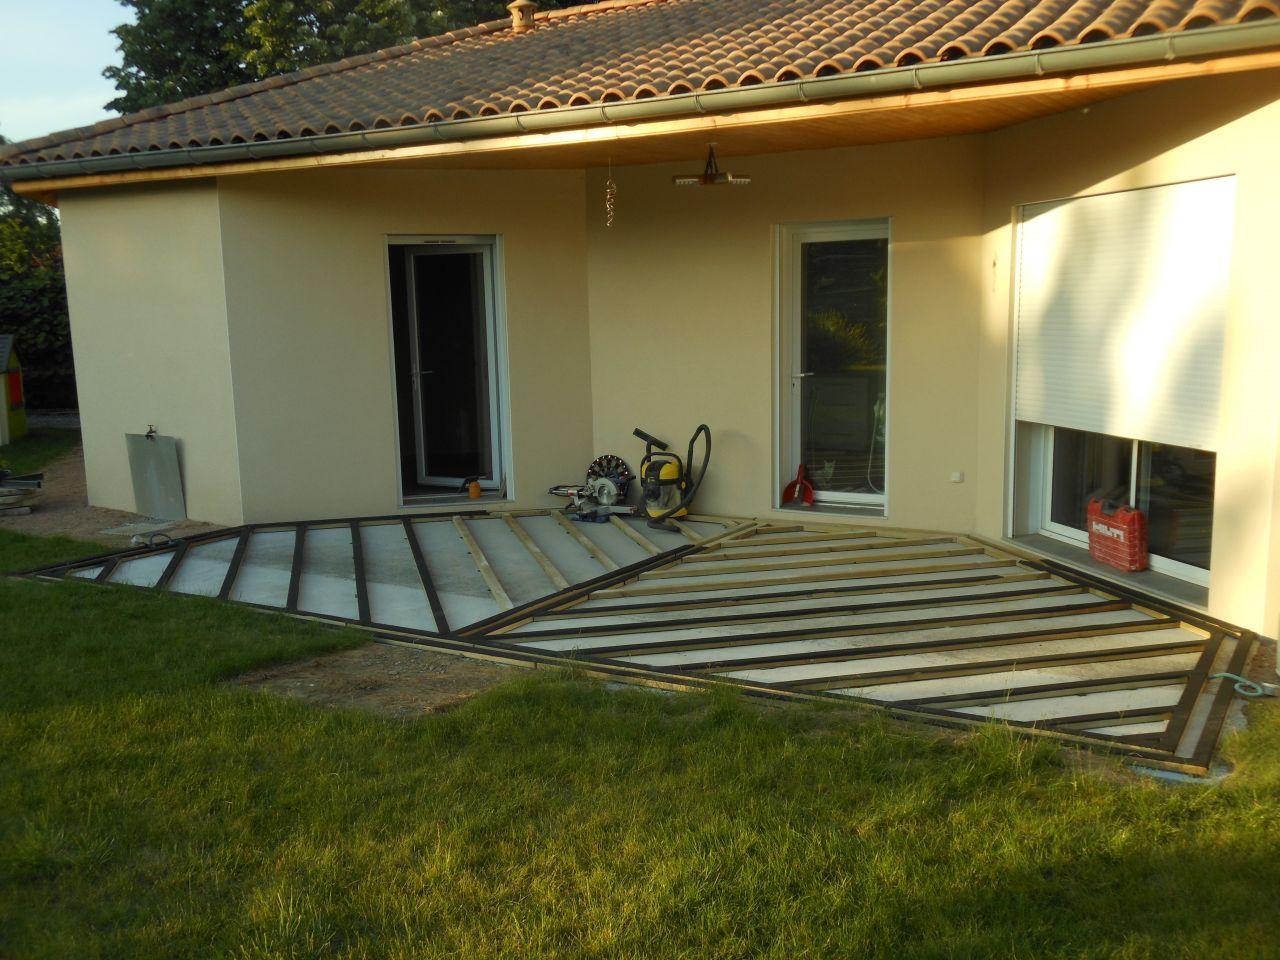 terrasse c 39 est parti notre maison a macon macon. Black Bedroom Furniture Sets. Home Design Ideas